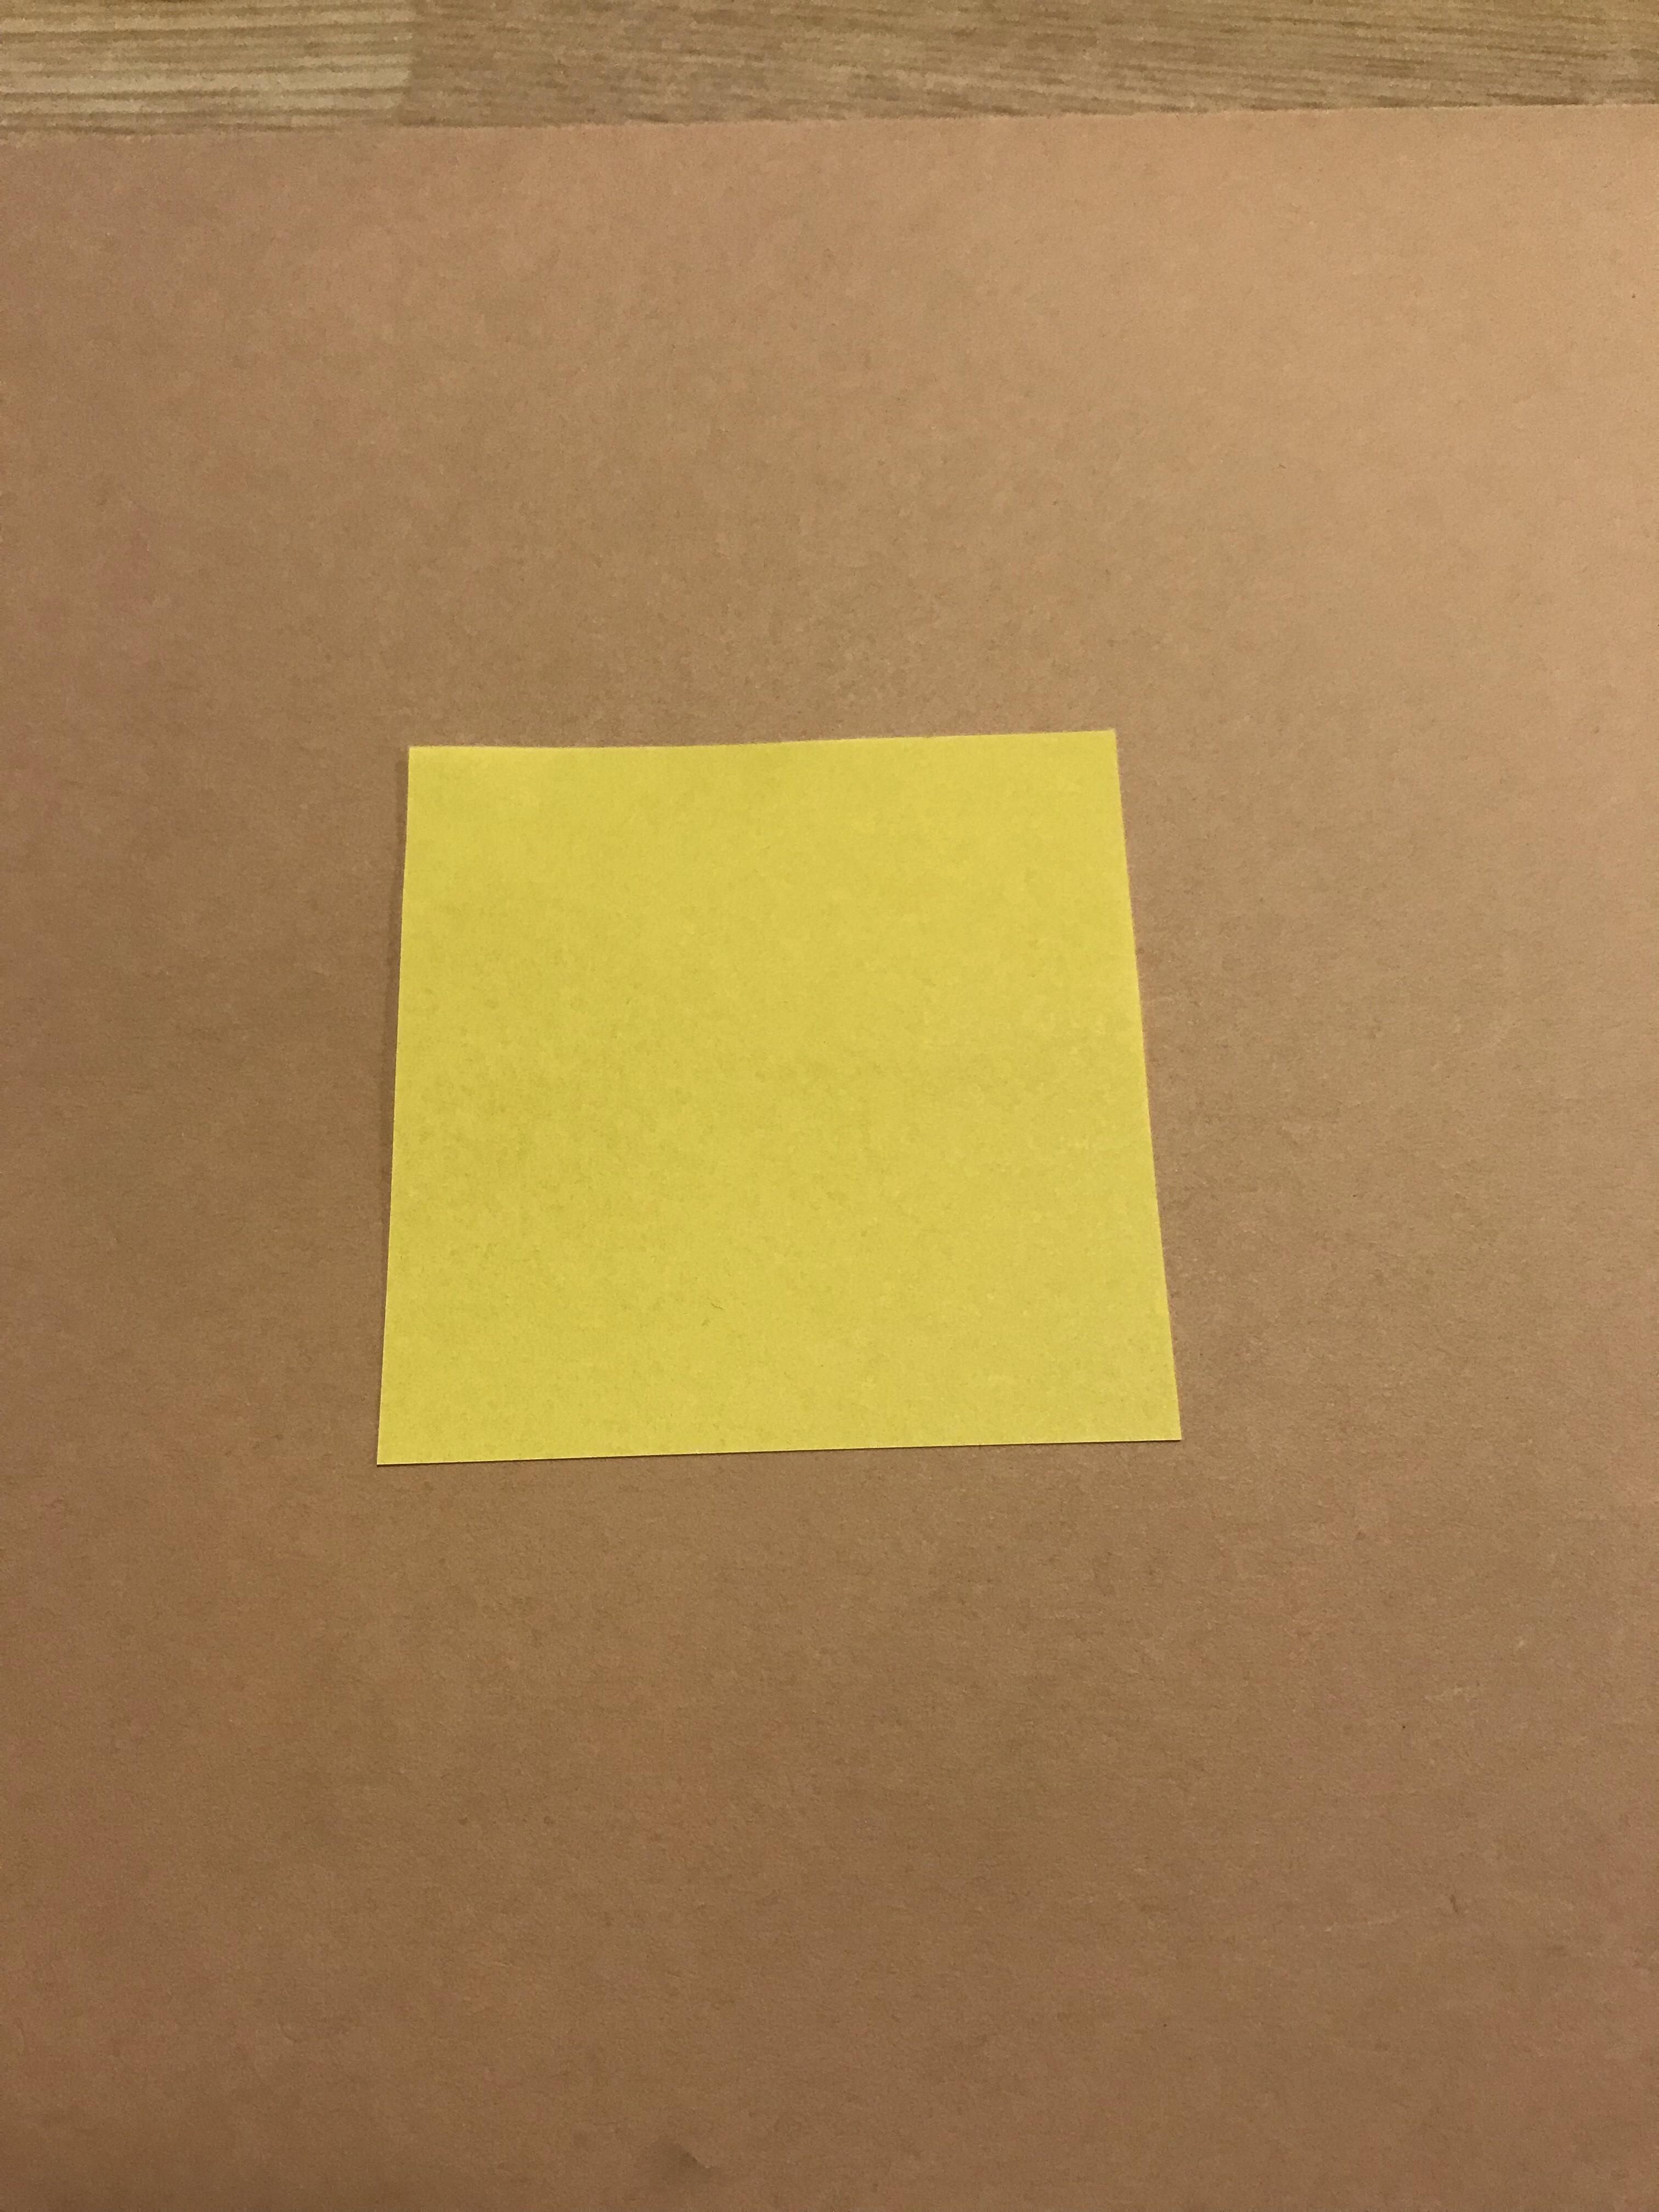 普通サイズの折り紙を4等分して、カットした後の写真。